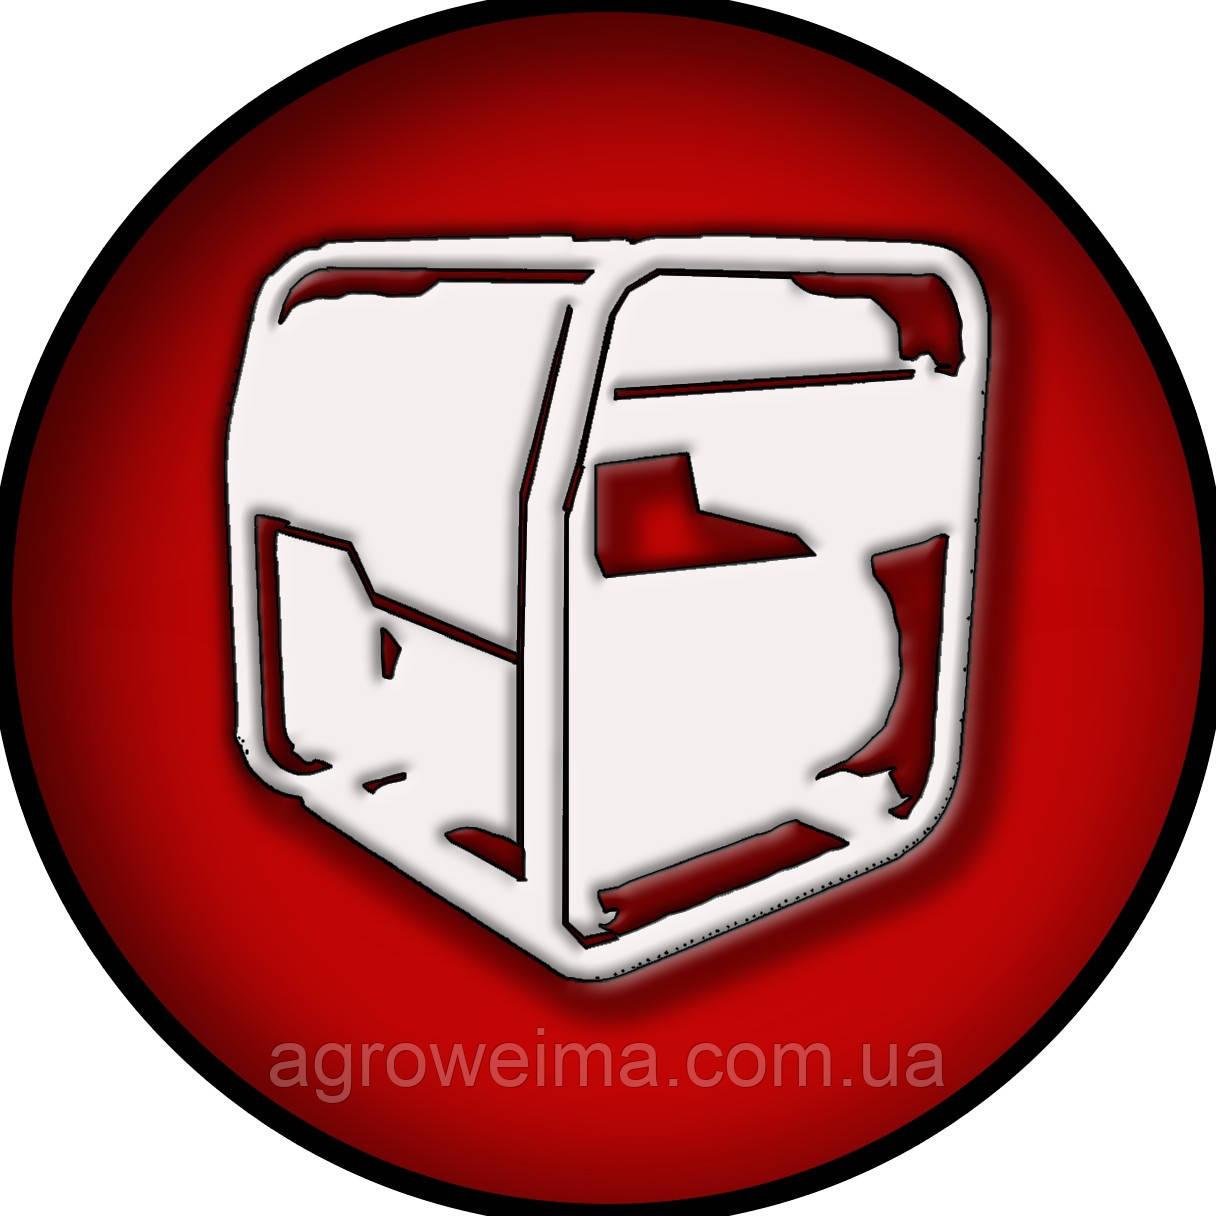 Генератор дизельный WM7000CLE диз/генератор 7,0Квт 1 ФАЗА ЦИЛИНДР СЪЕМНЫЙ, вес 114кг. Двигатель WM188FBE - 12л